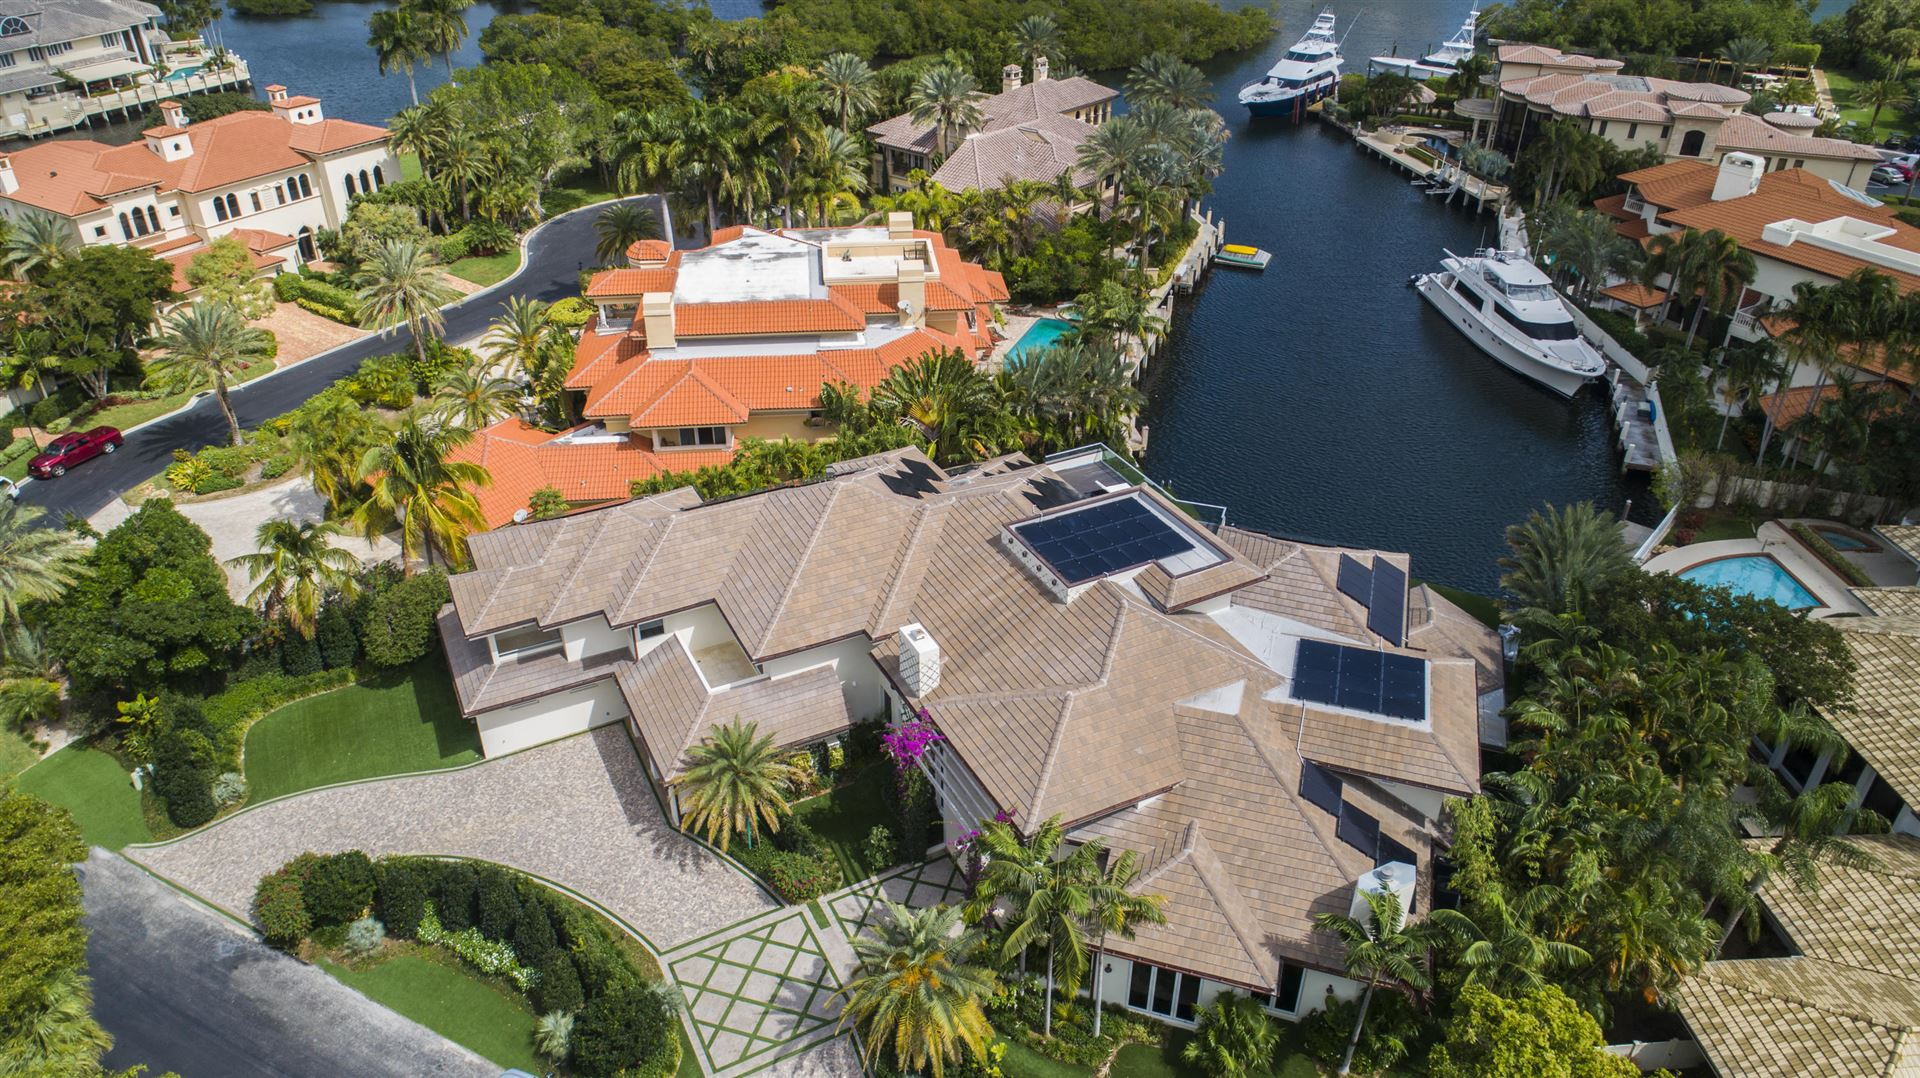 4020 Ibis Point, Boca Raton, 33431 Photo 1